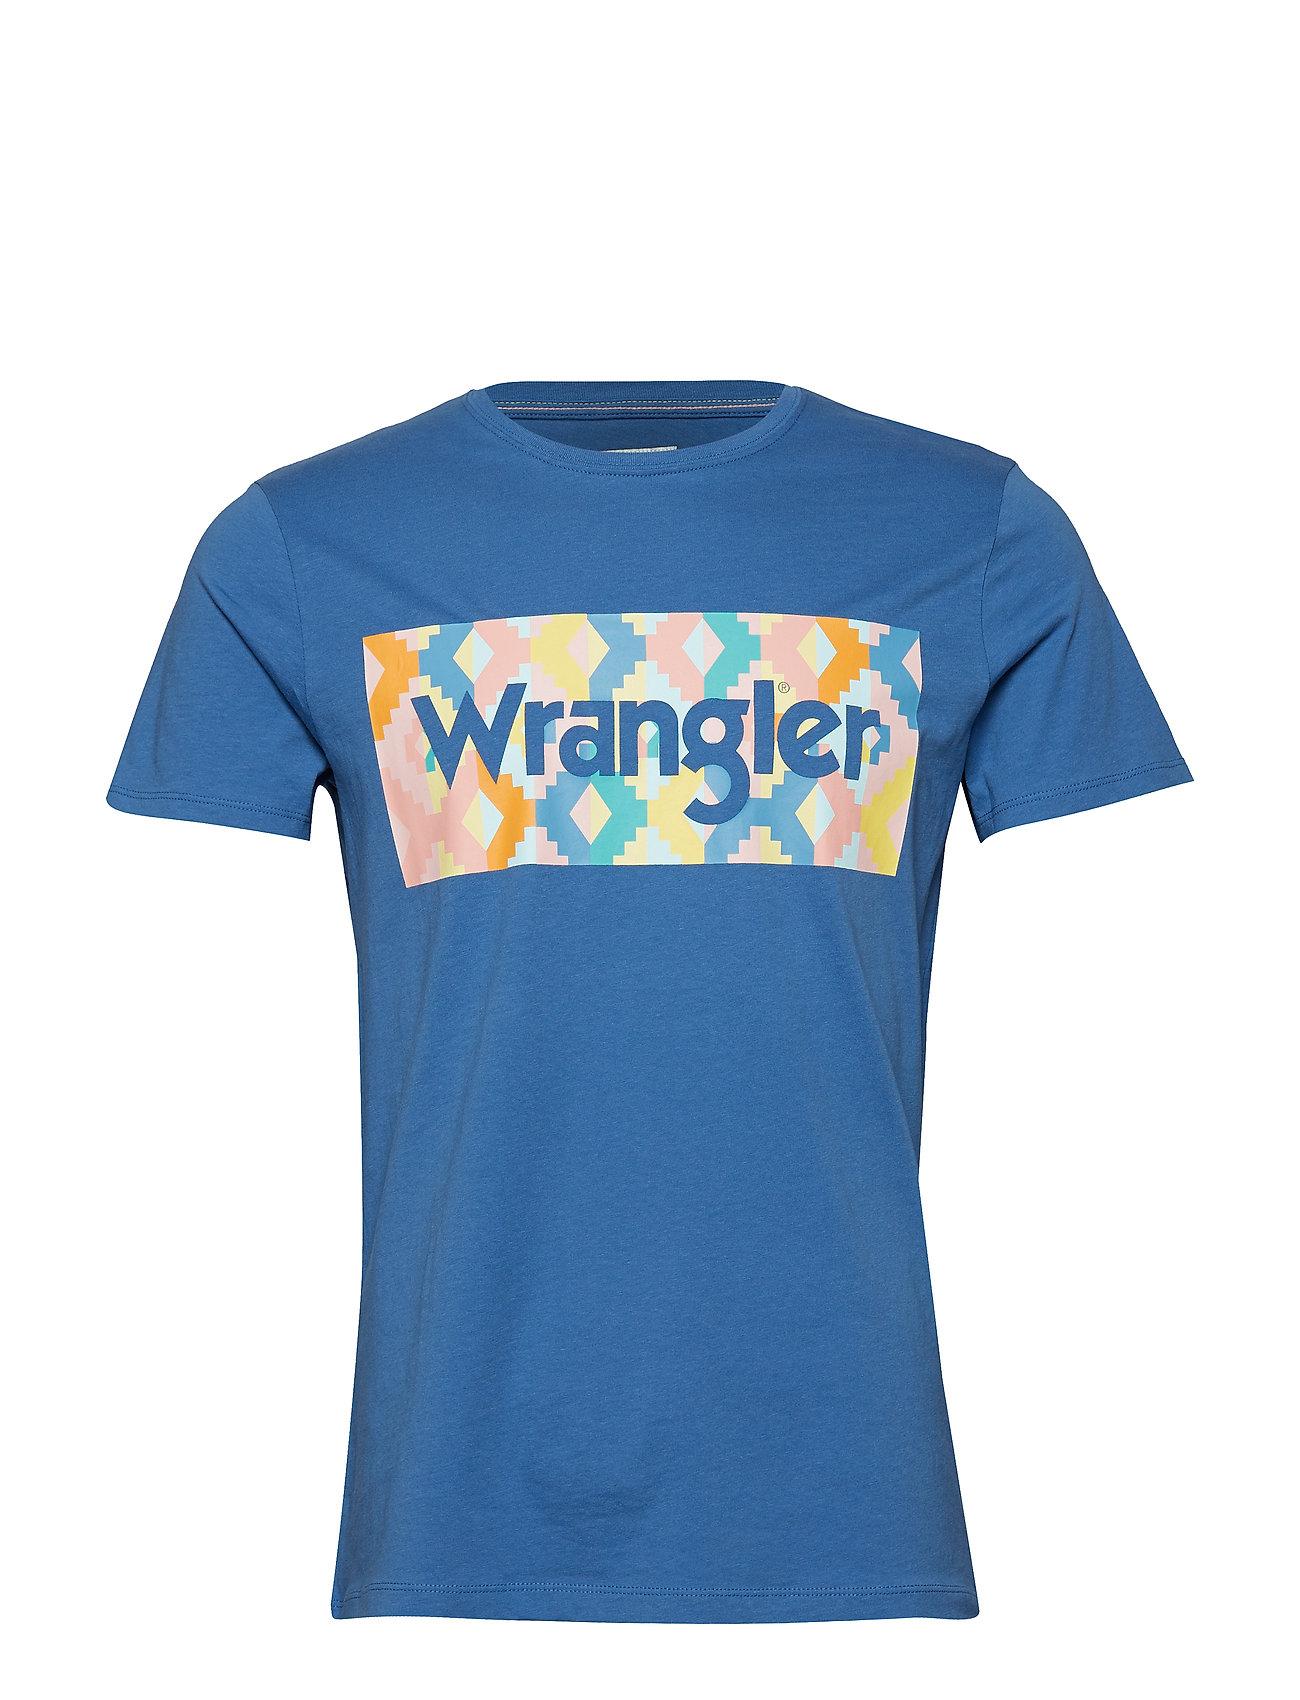 Wrangler SUMMER LOGO TEE - FEDERAL BLUE